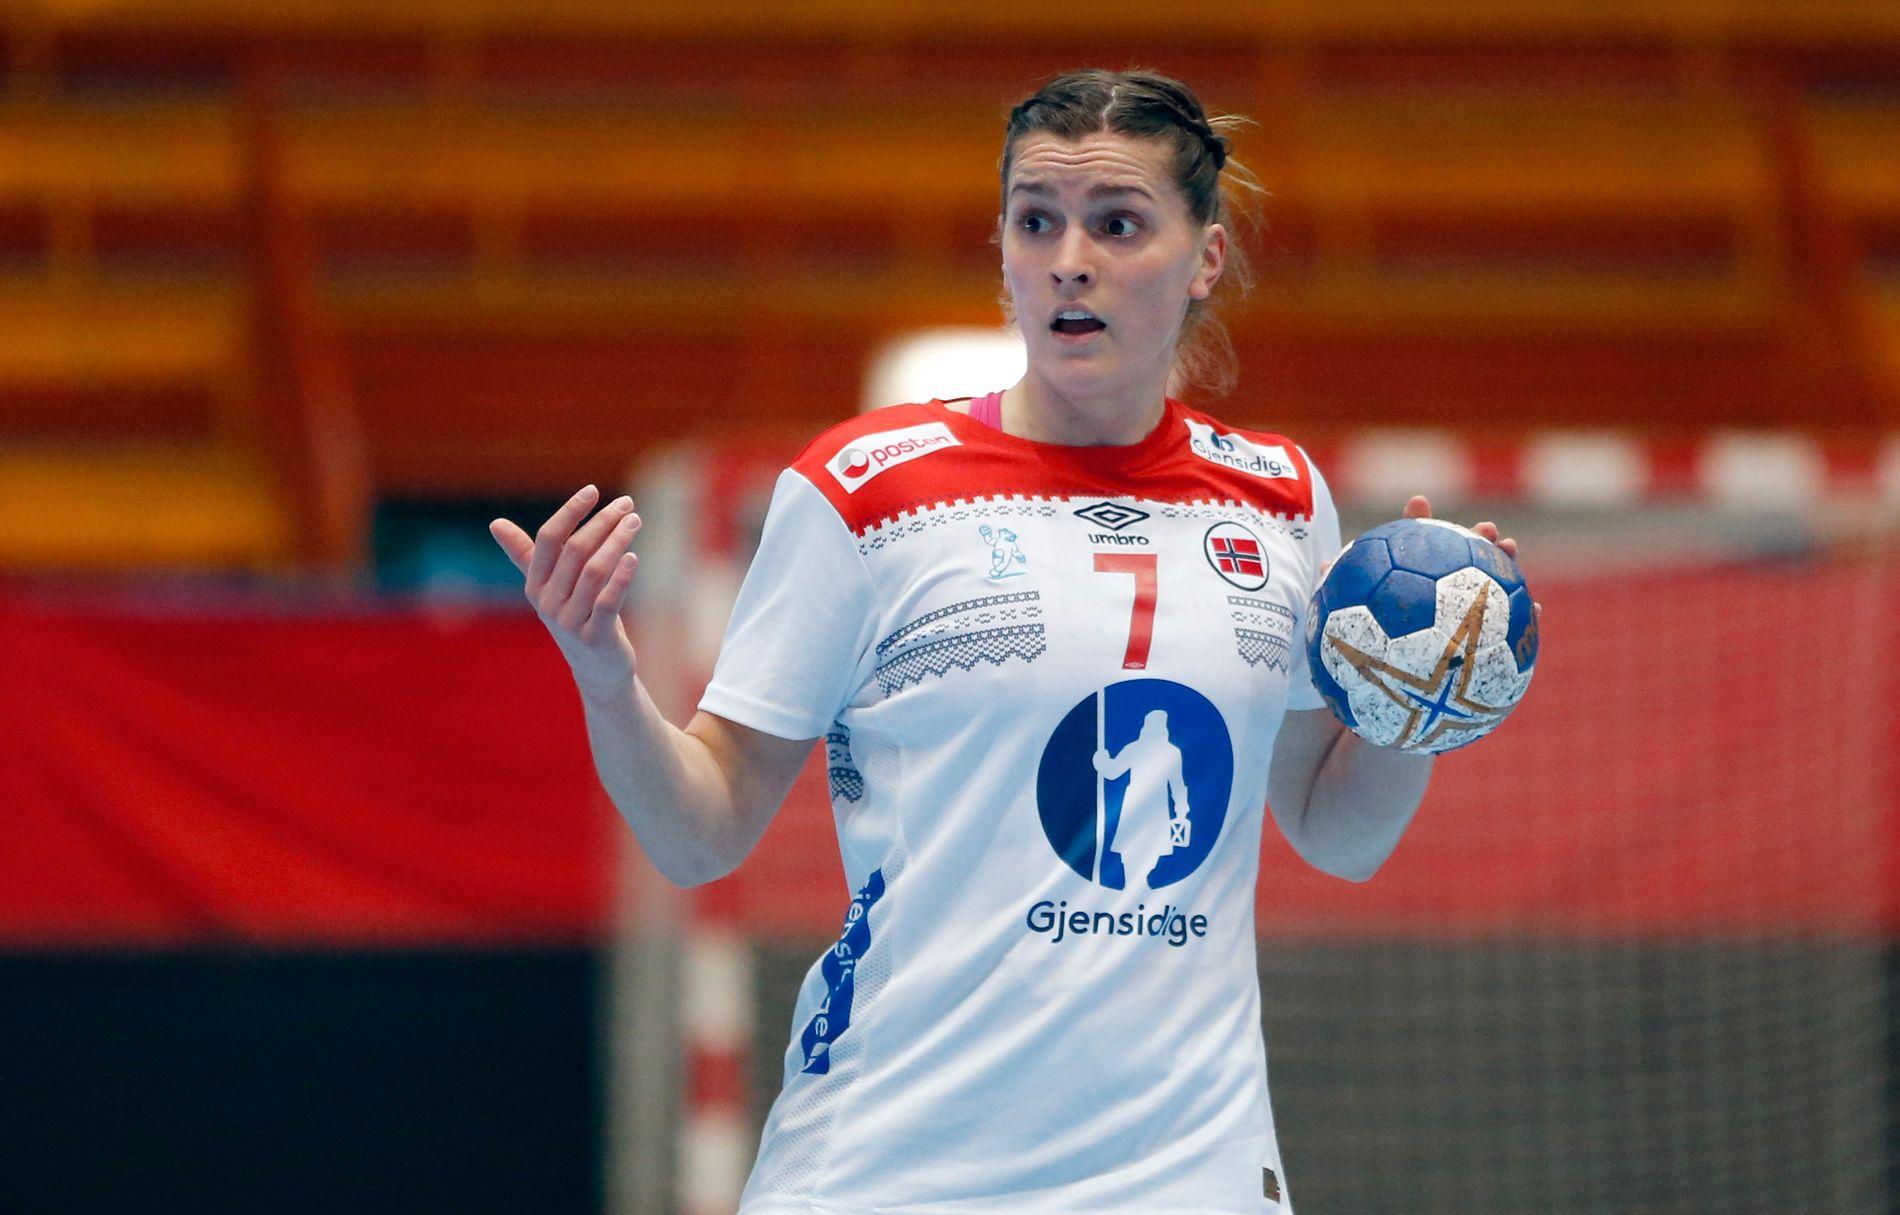 GRAVID: Stine Skogrand er gravid. Nå tar hun håndballpause. Her fra landskampen mellom Norge og Kroatia i mars.